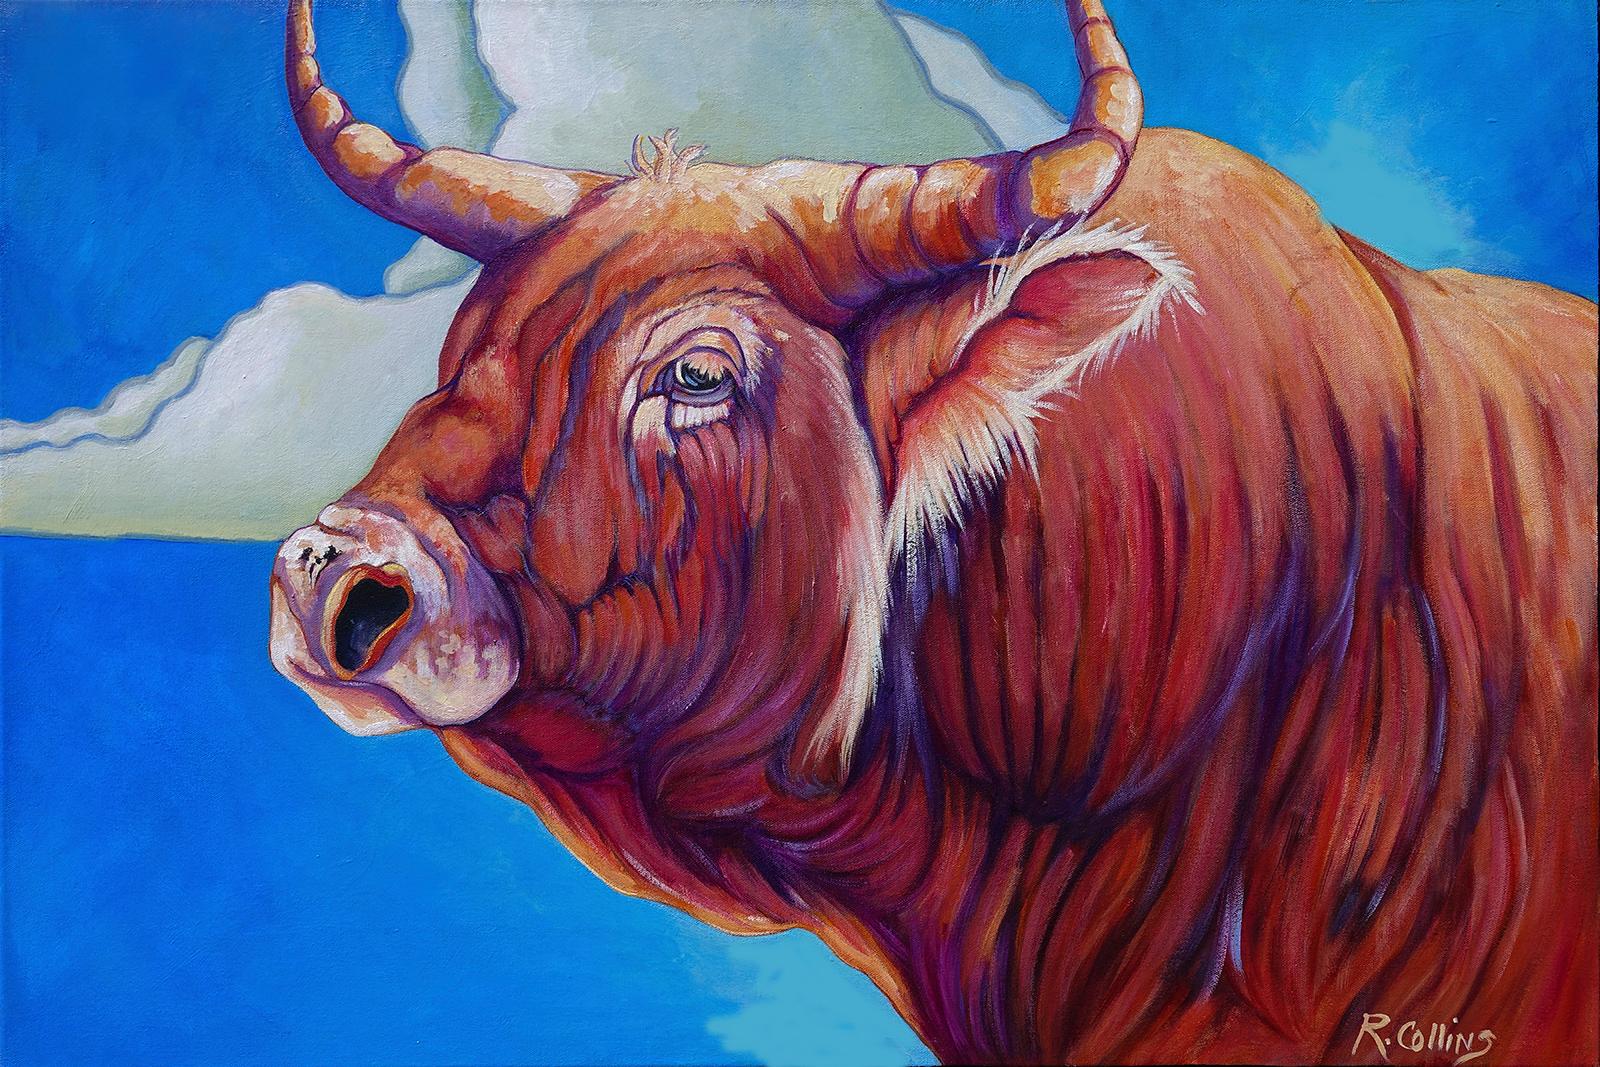 Red bull oa p3kd7c